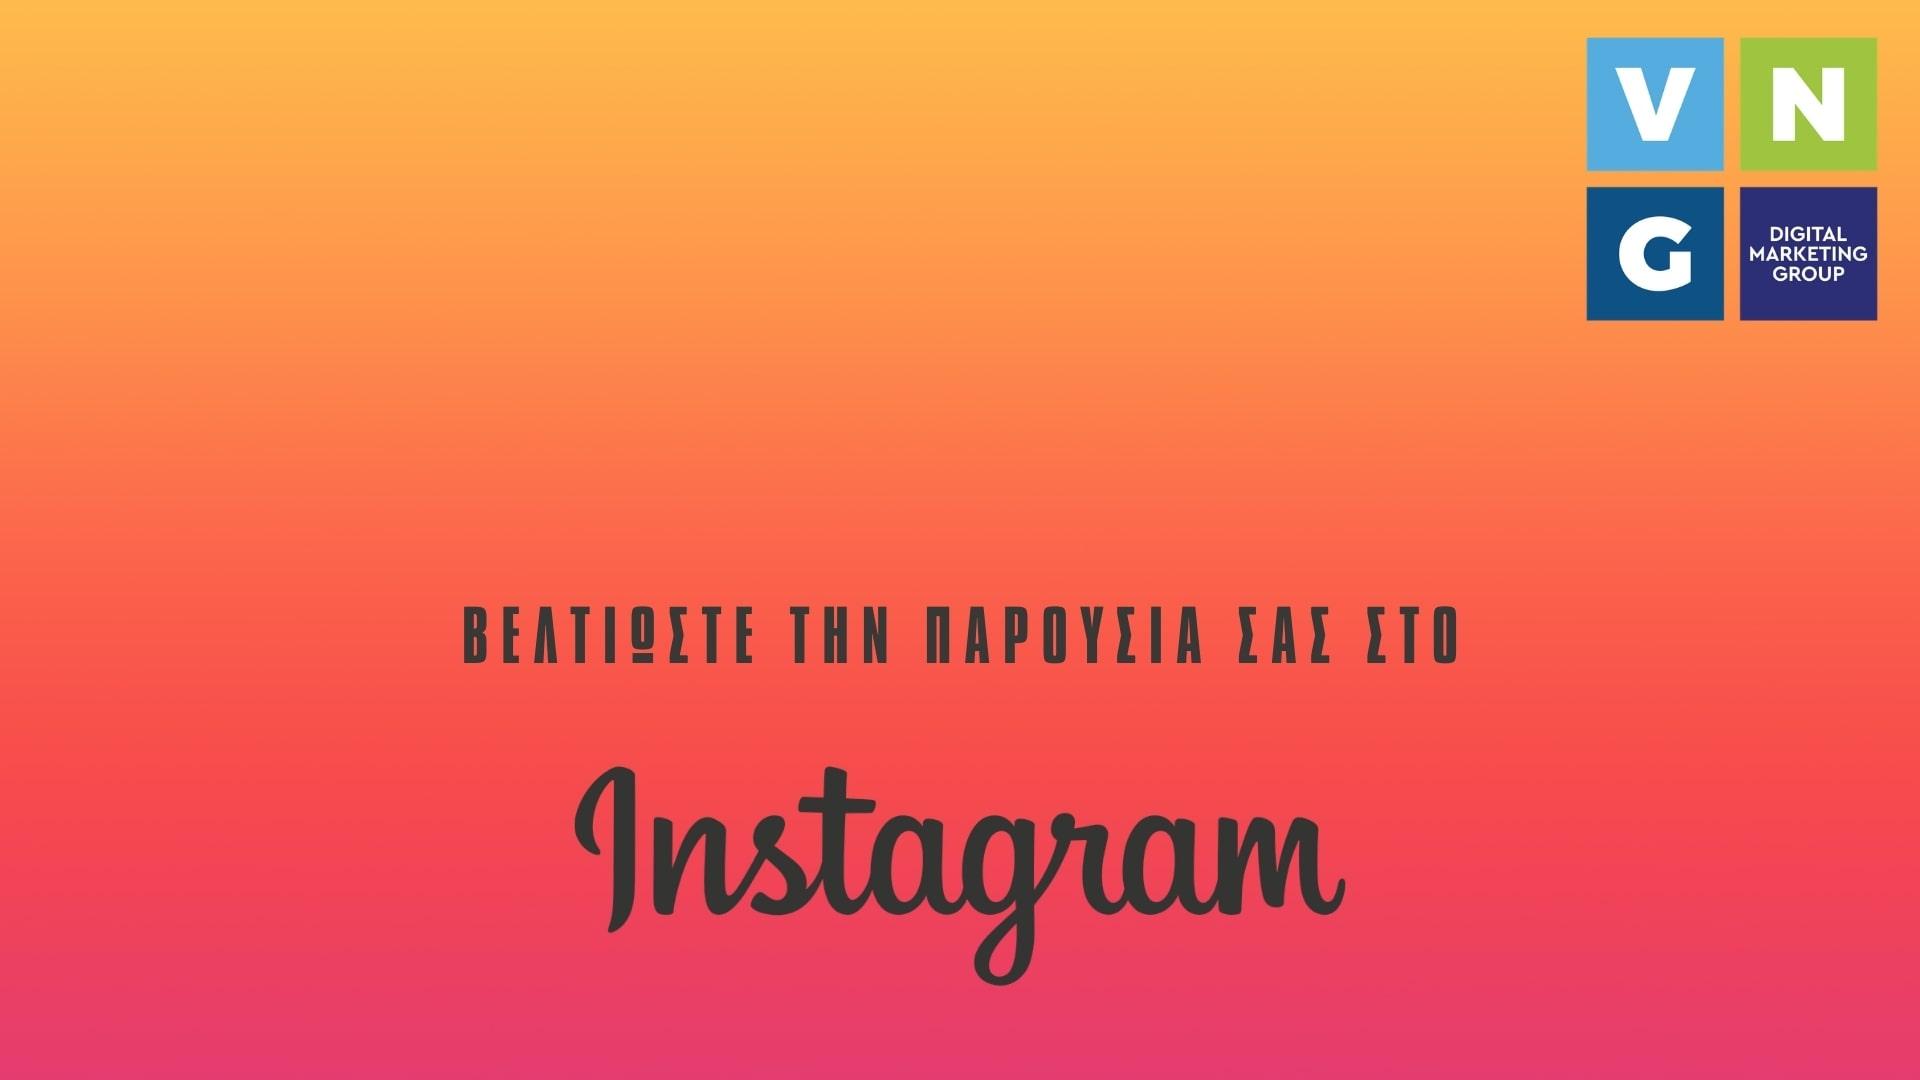 Συμβουλές για να βελτιώσετε την παρουσία σας στο Instagram